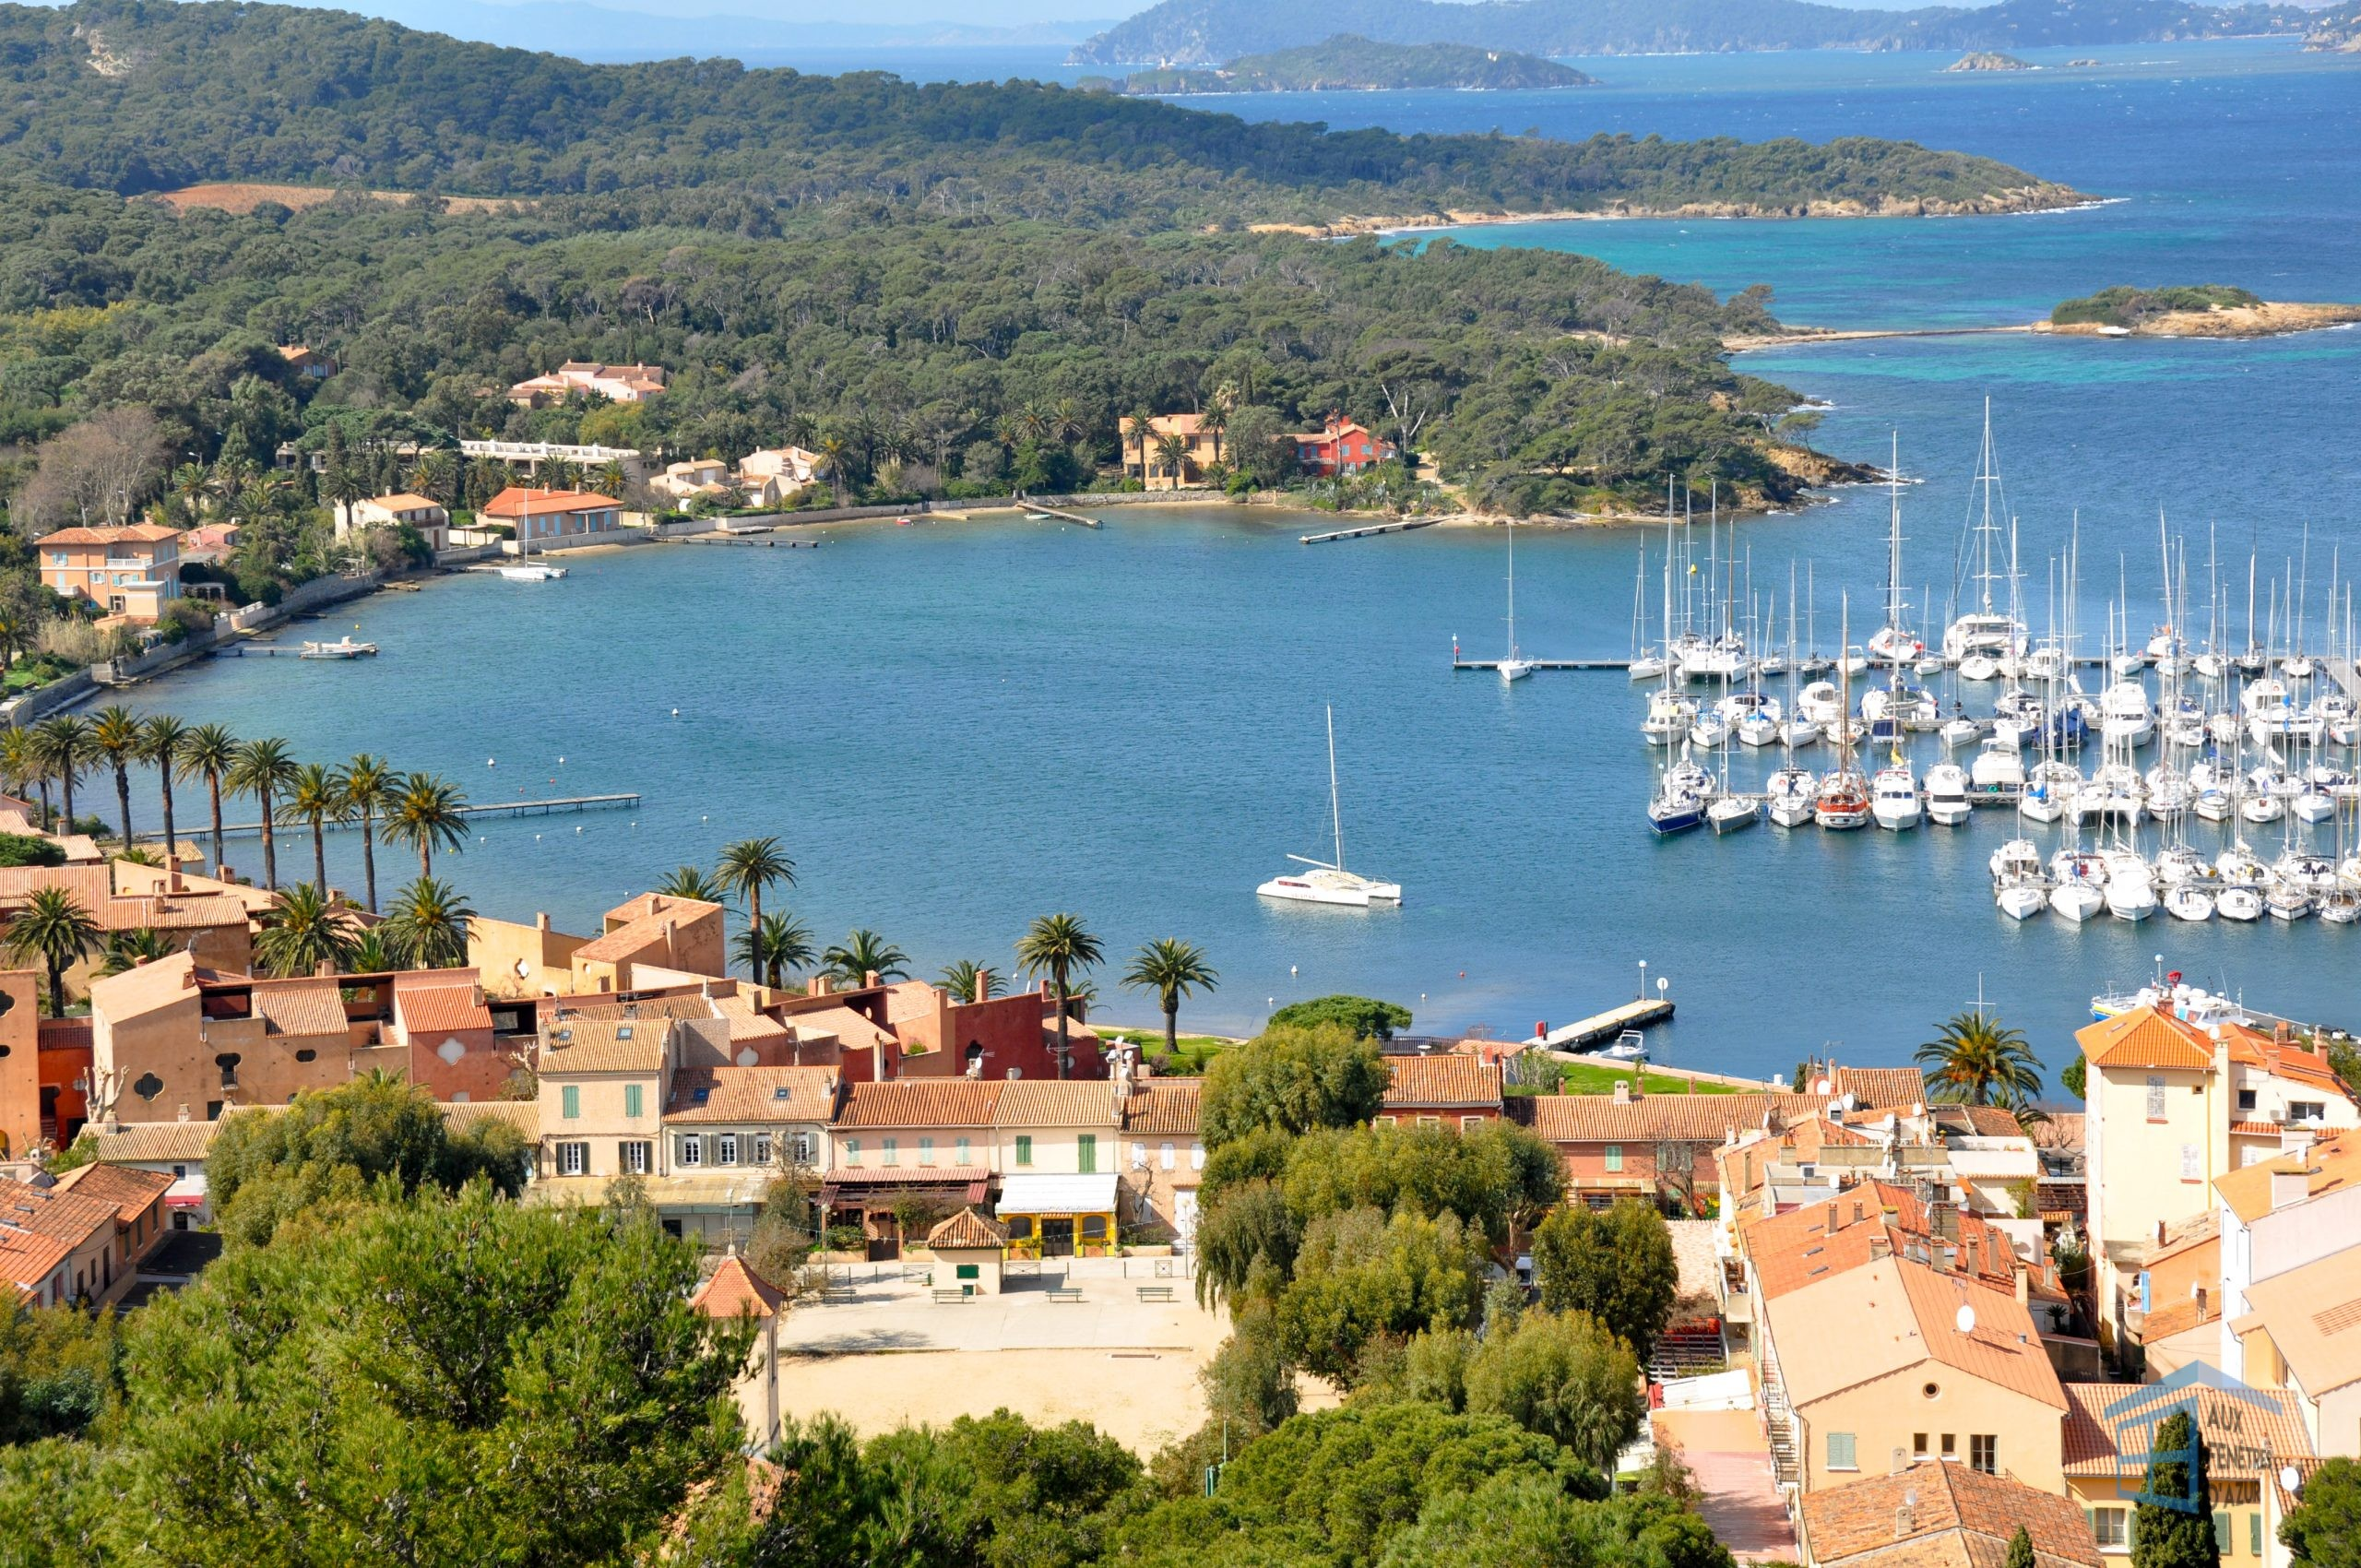 Port de Portquerolles